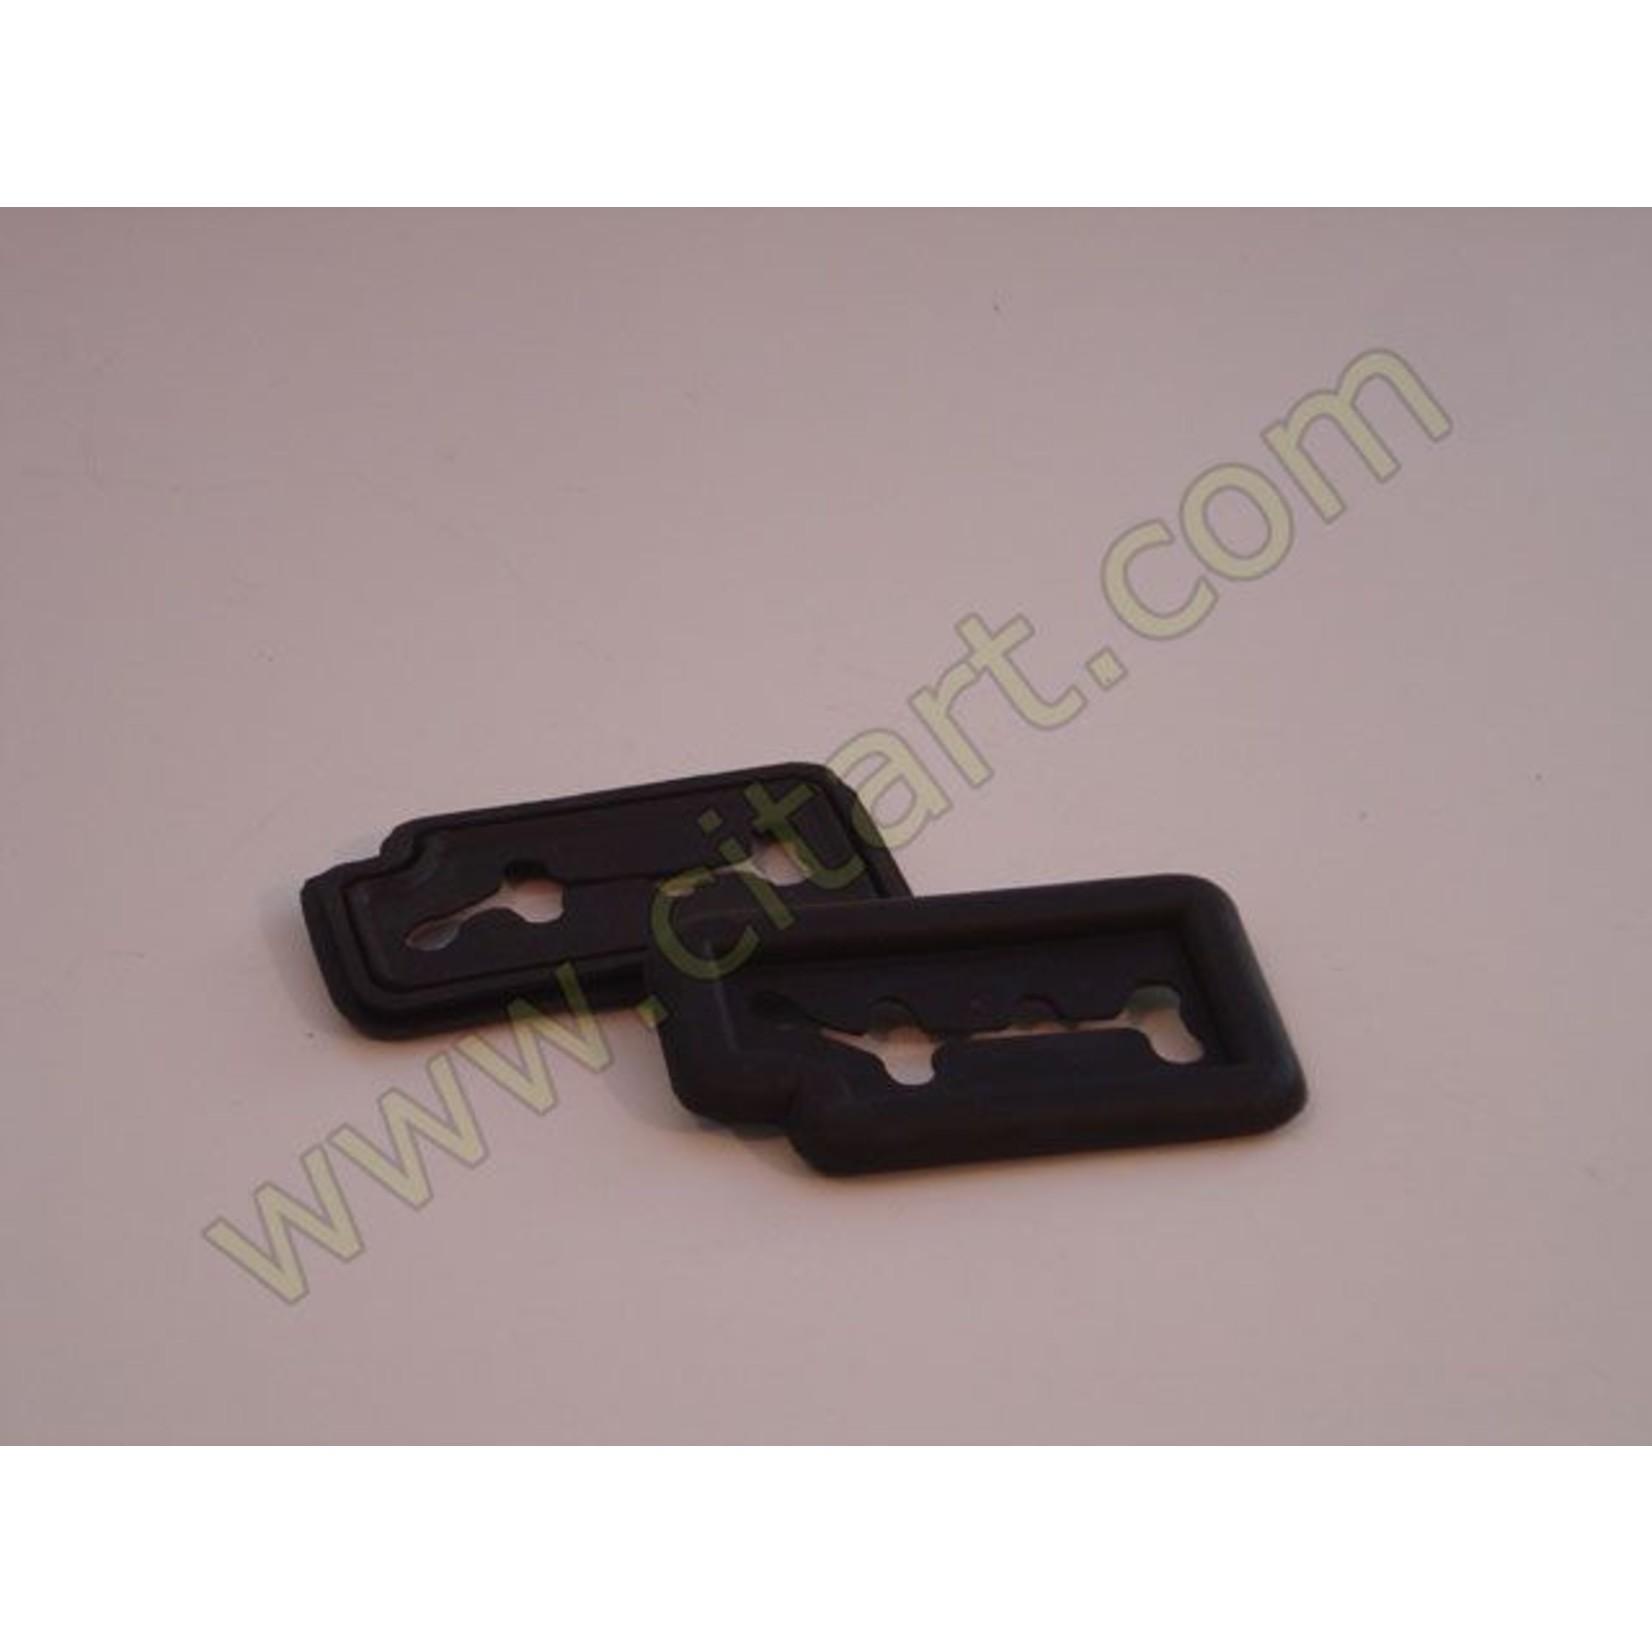 Versnellingspookrubber 63-68 Nr Org: DS334211B